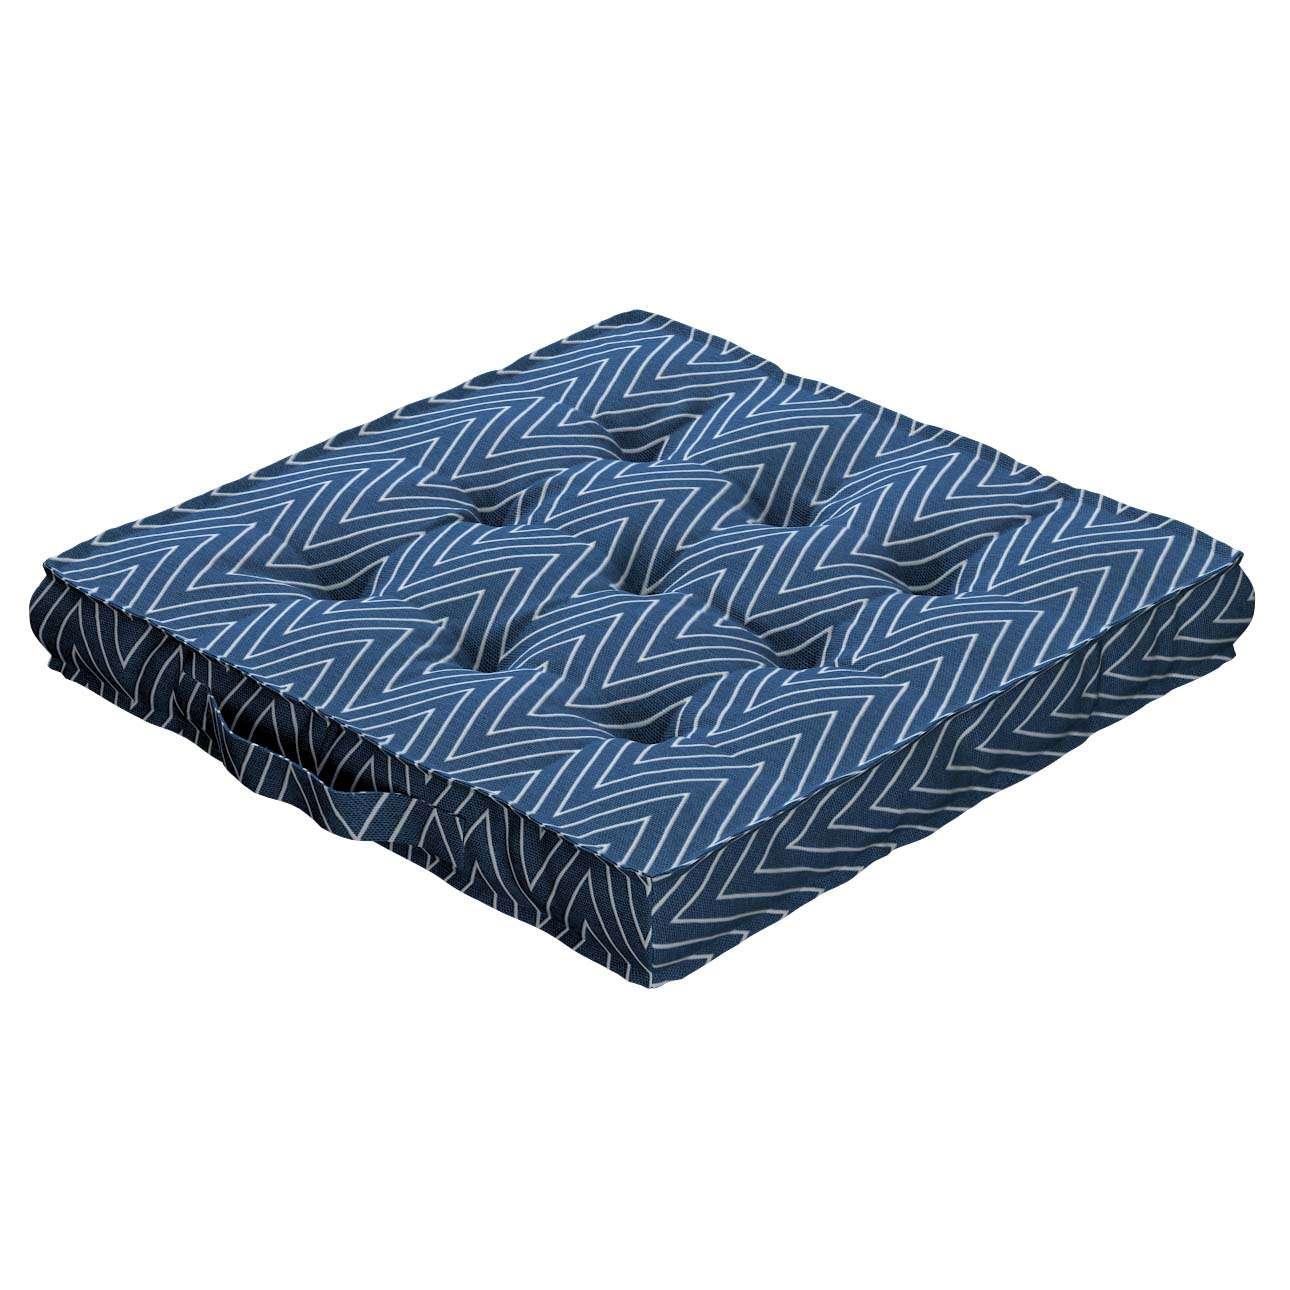 Pagalvėlė Kuba kėdei/ant grindų 40 x 40 x 6 cm kolekcijoje Brooklyn, audinys: 137-88